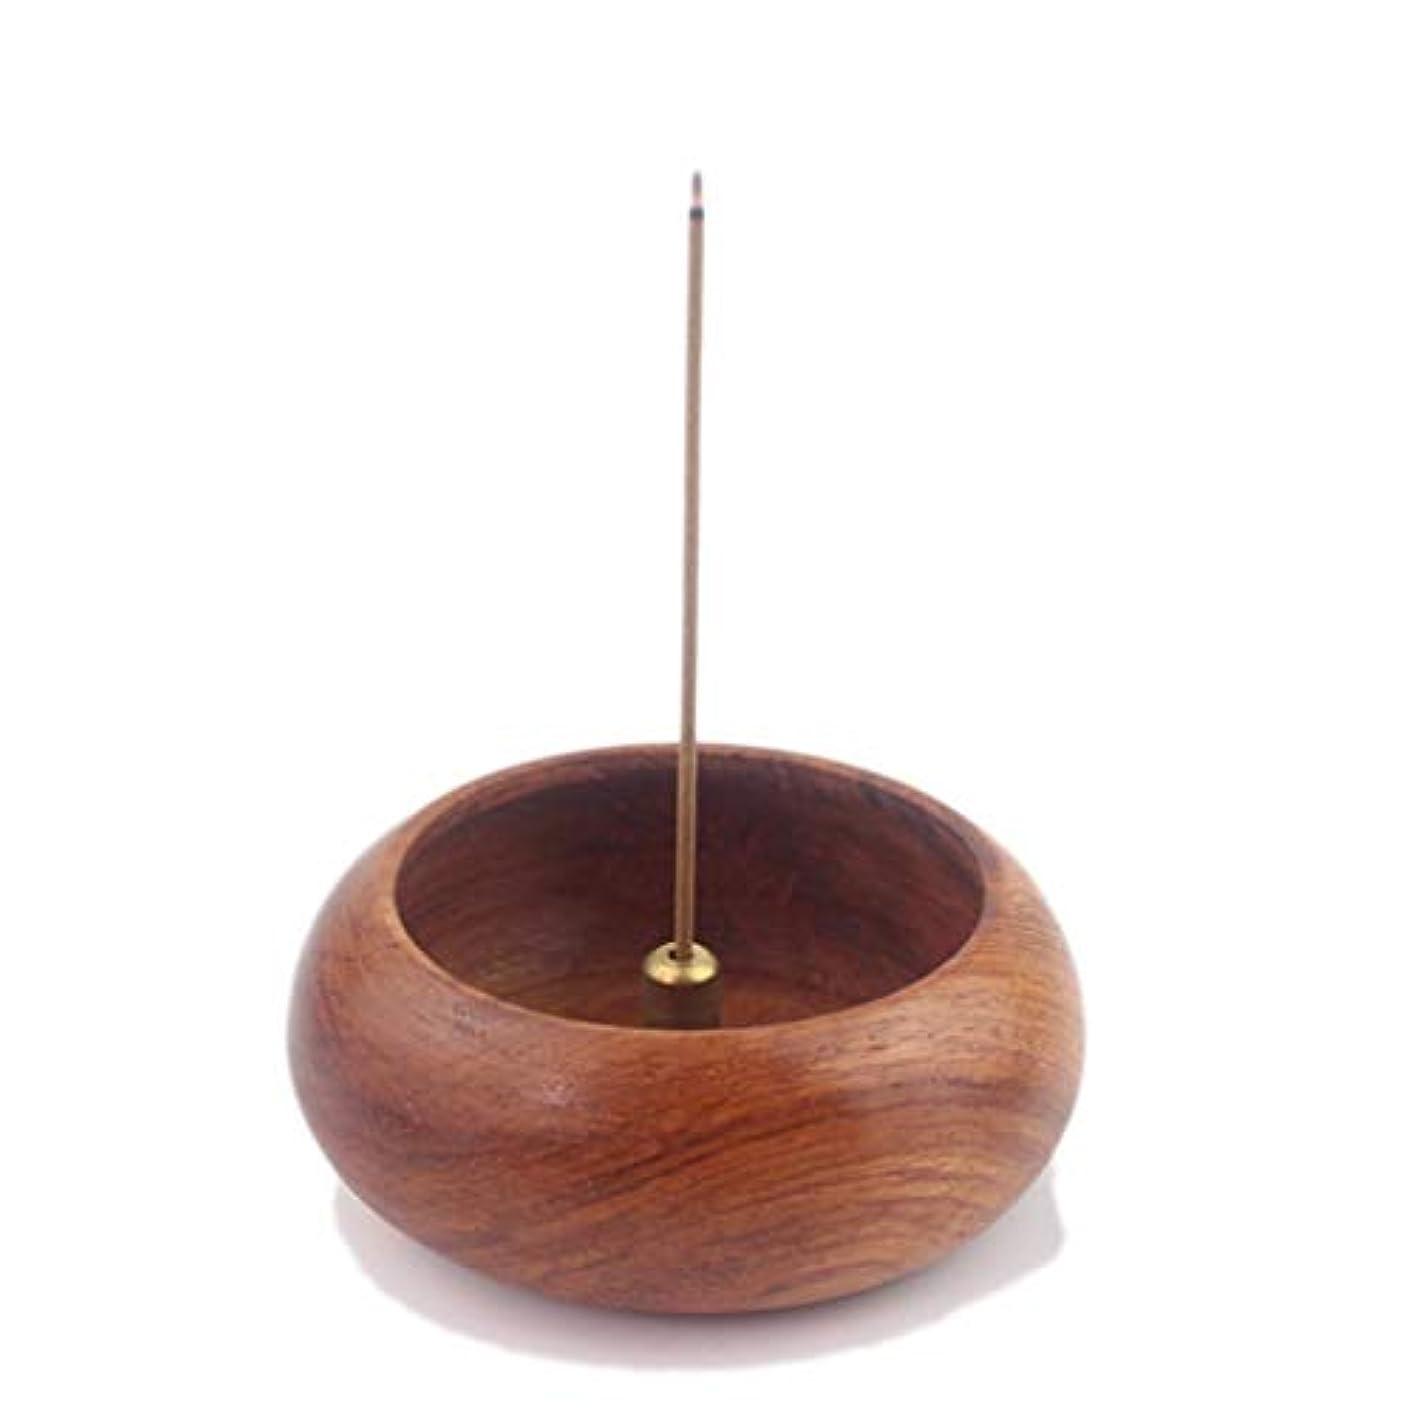 機関防腐剤困難ローズウッドボウル型香炉ホルダーキャンドルアロマセラピー炉香ホルダーホームリビングルーム香バーナー装飾 (Color : Wood, サイズ : 6.2*2.4cm)